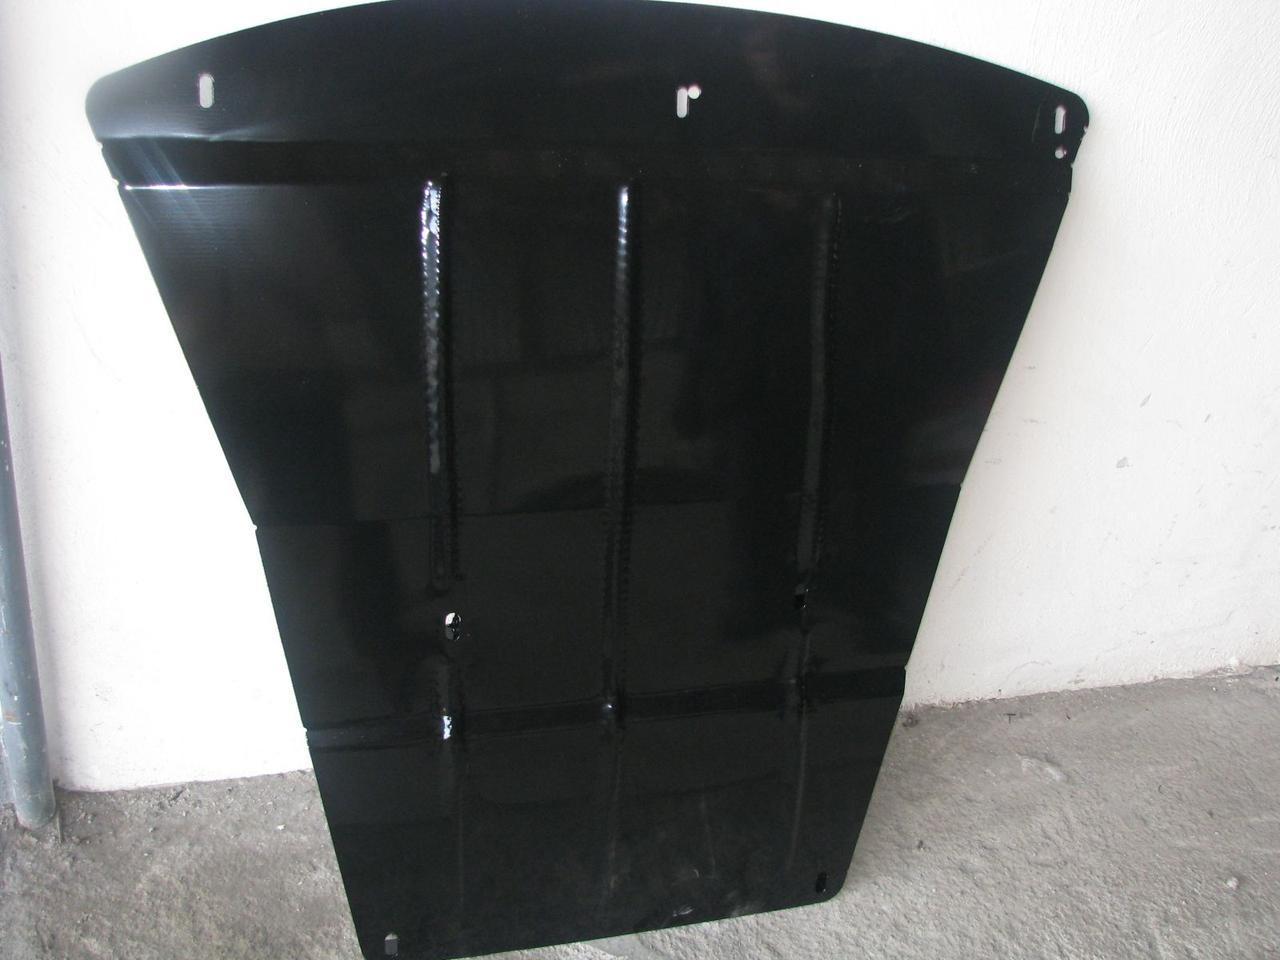 Защита двигателя Audi A4 В6 AVANT 2001-2004 Tiptronic 2,5D (двигатель + КПП)